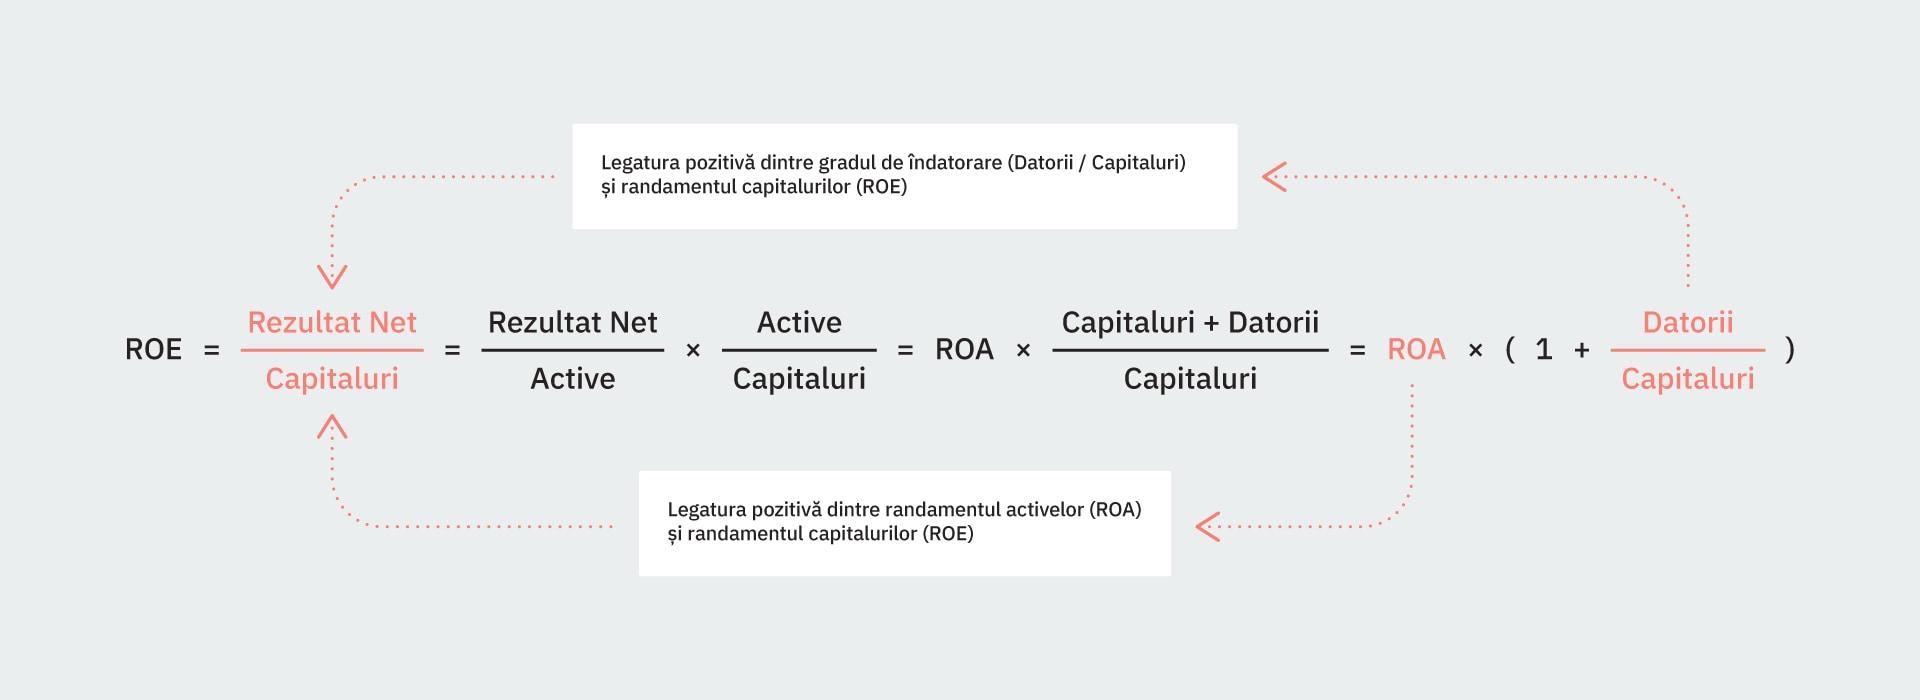 Legatura pozitivă dintre gradul de îndatorare (Datorii / Capitaluri) și randamentul capitalurilor (ROE), respectiv legatura pozitivă dintre randamentul activelor (ROA)